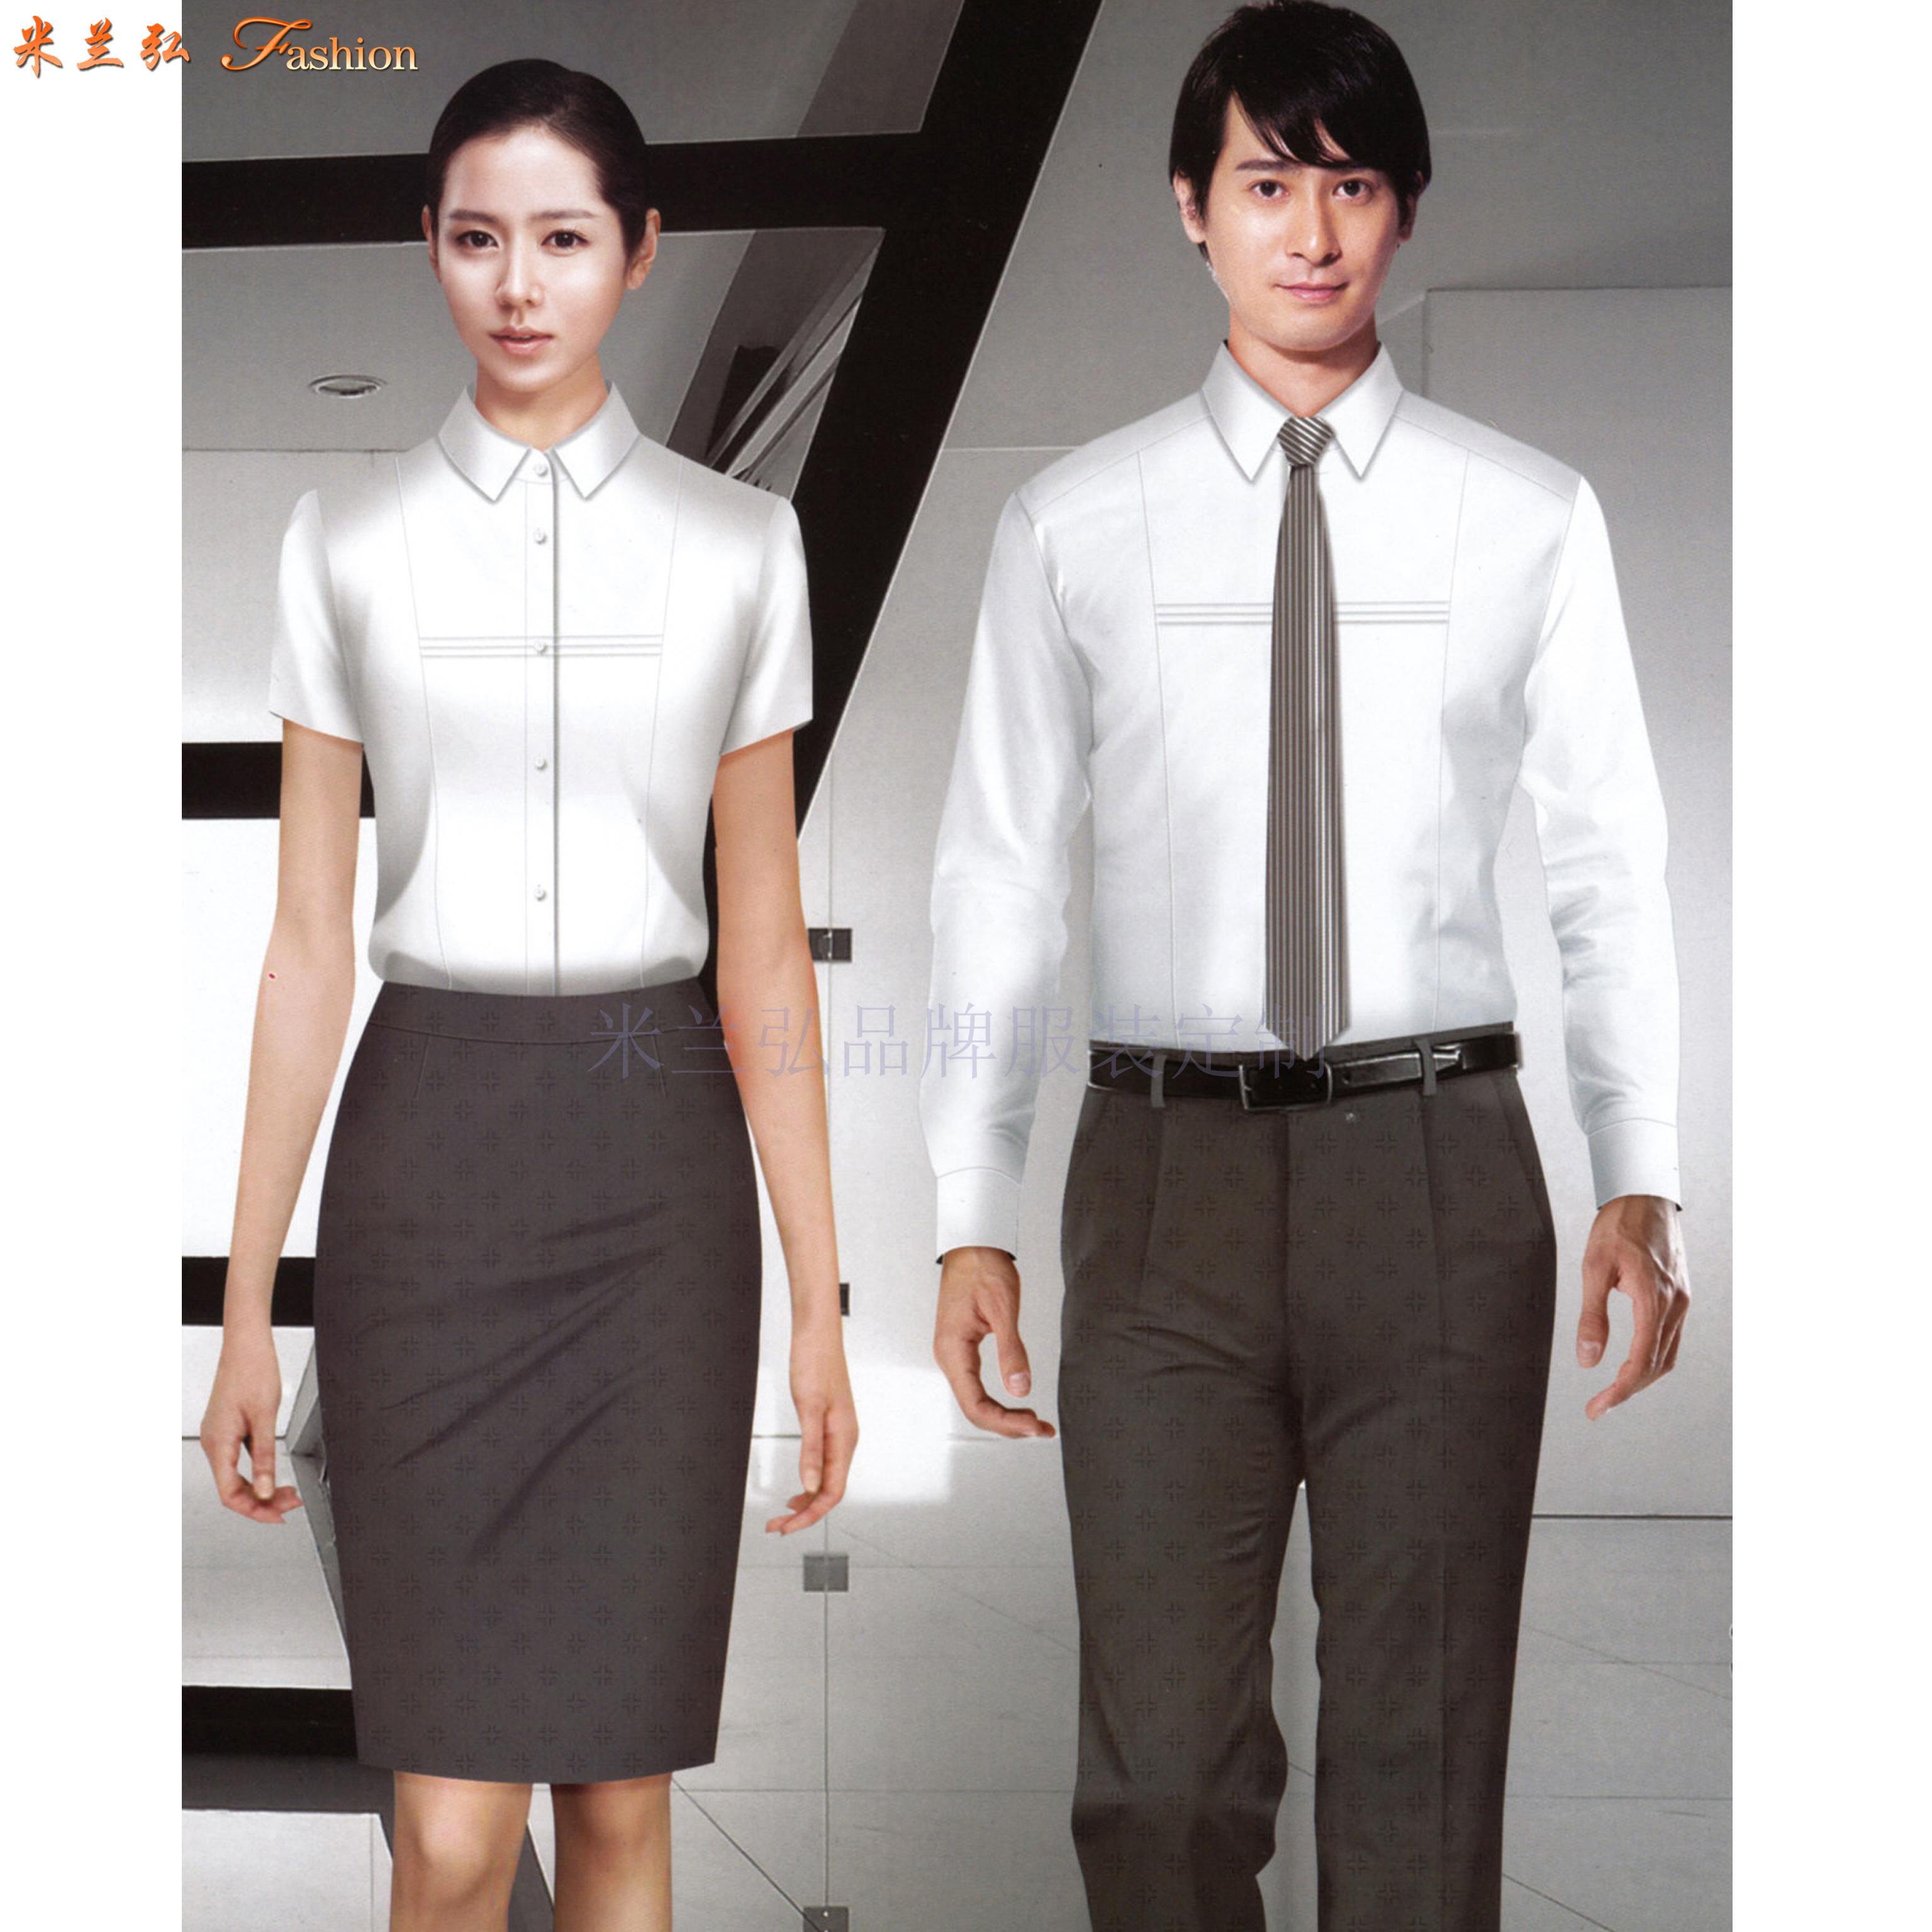 「德州衬衫定制」「德州衬衫定做」德州衬衫订制厂家-米兰弘-4